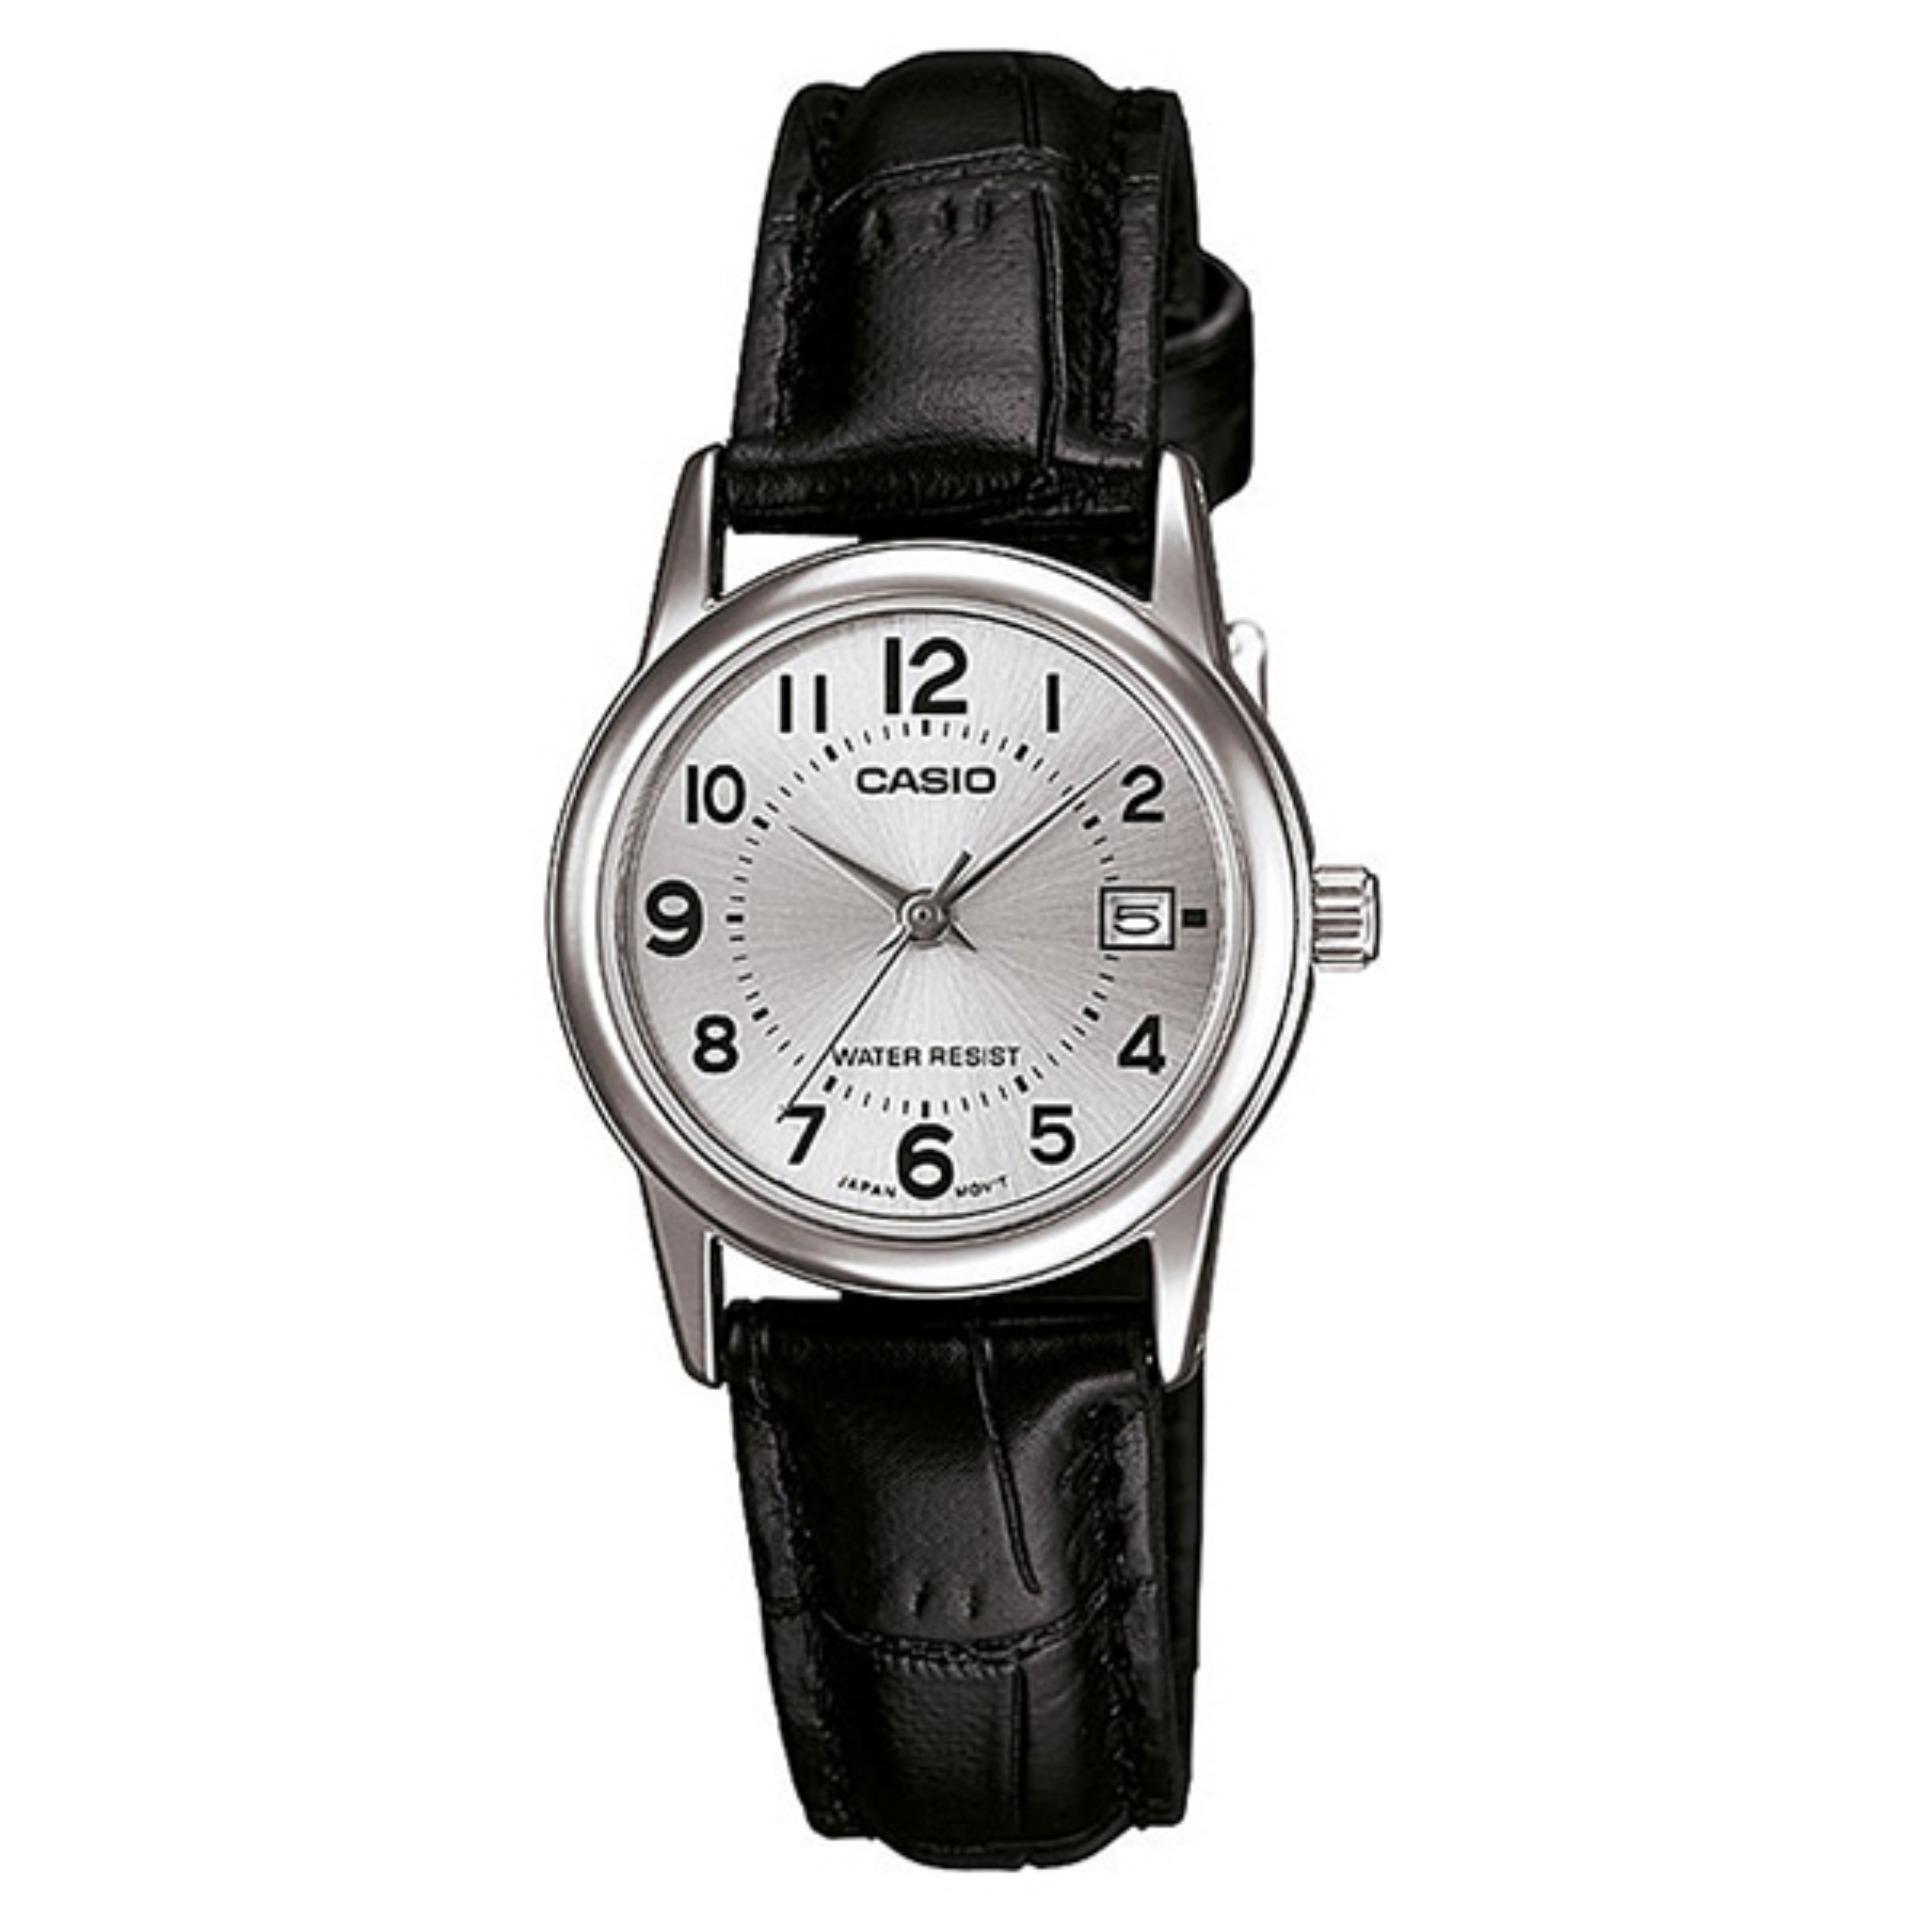 Đồng hồ nữ dây da Đồng hồ analog Casio LTP-V002L-7BUDF (Đen)